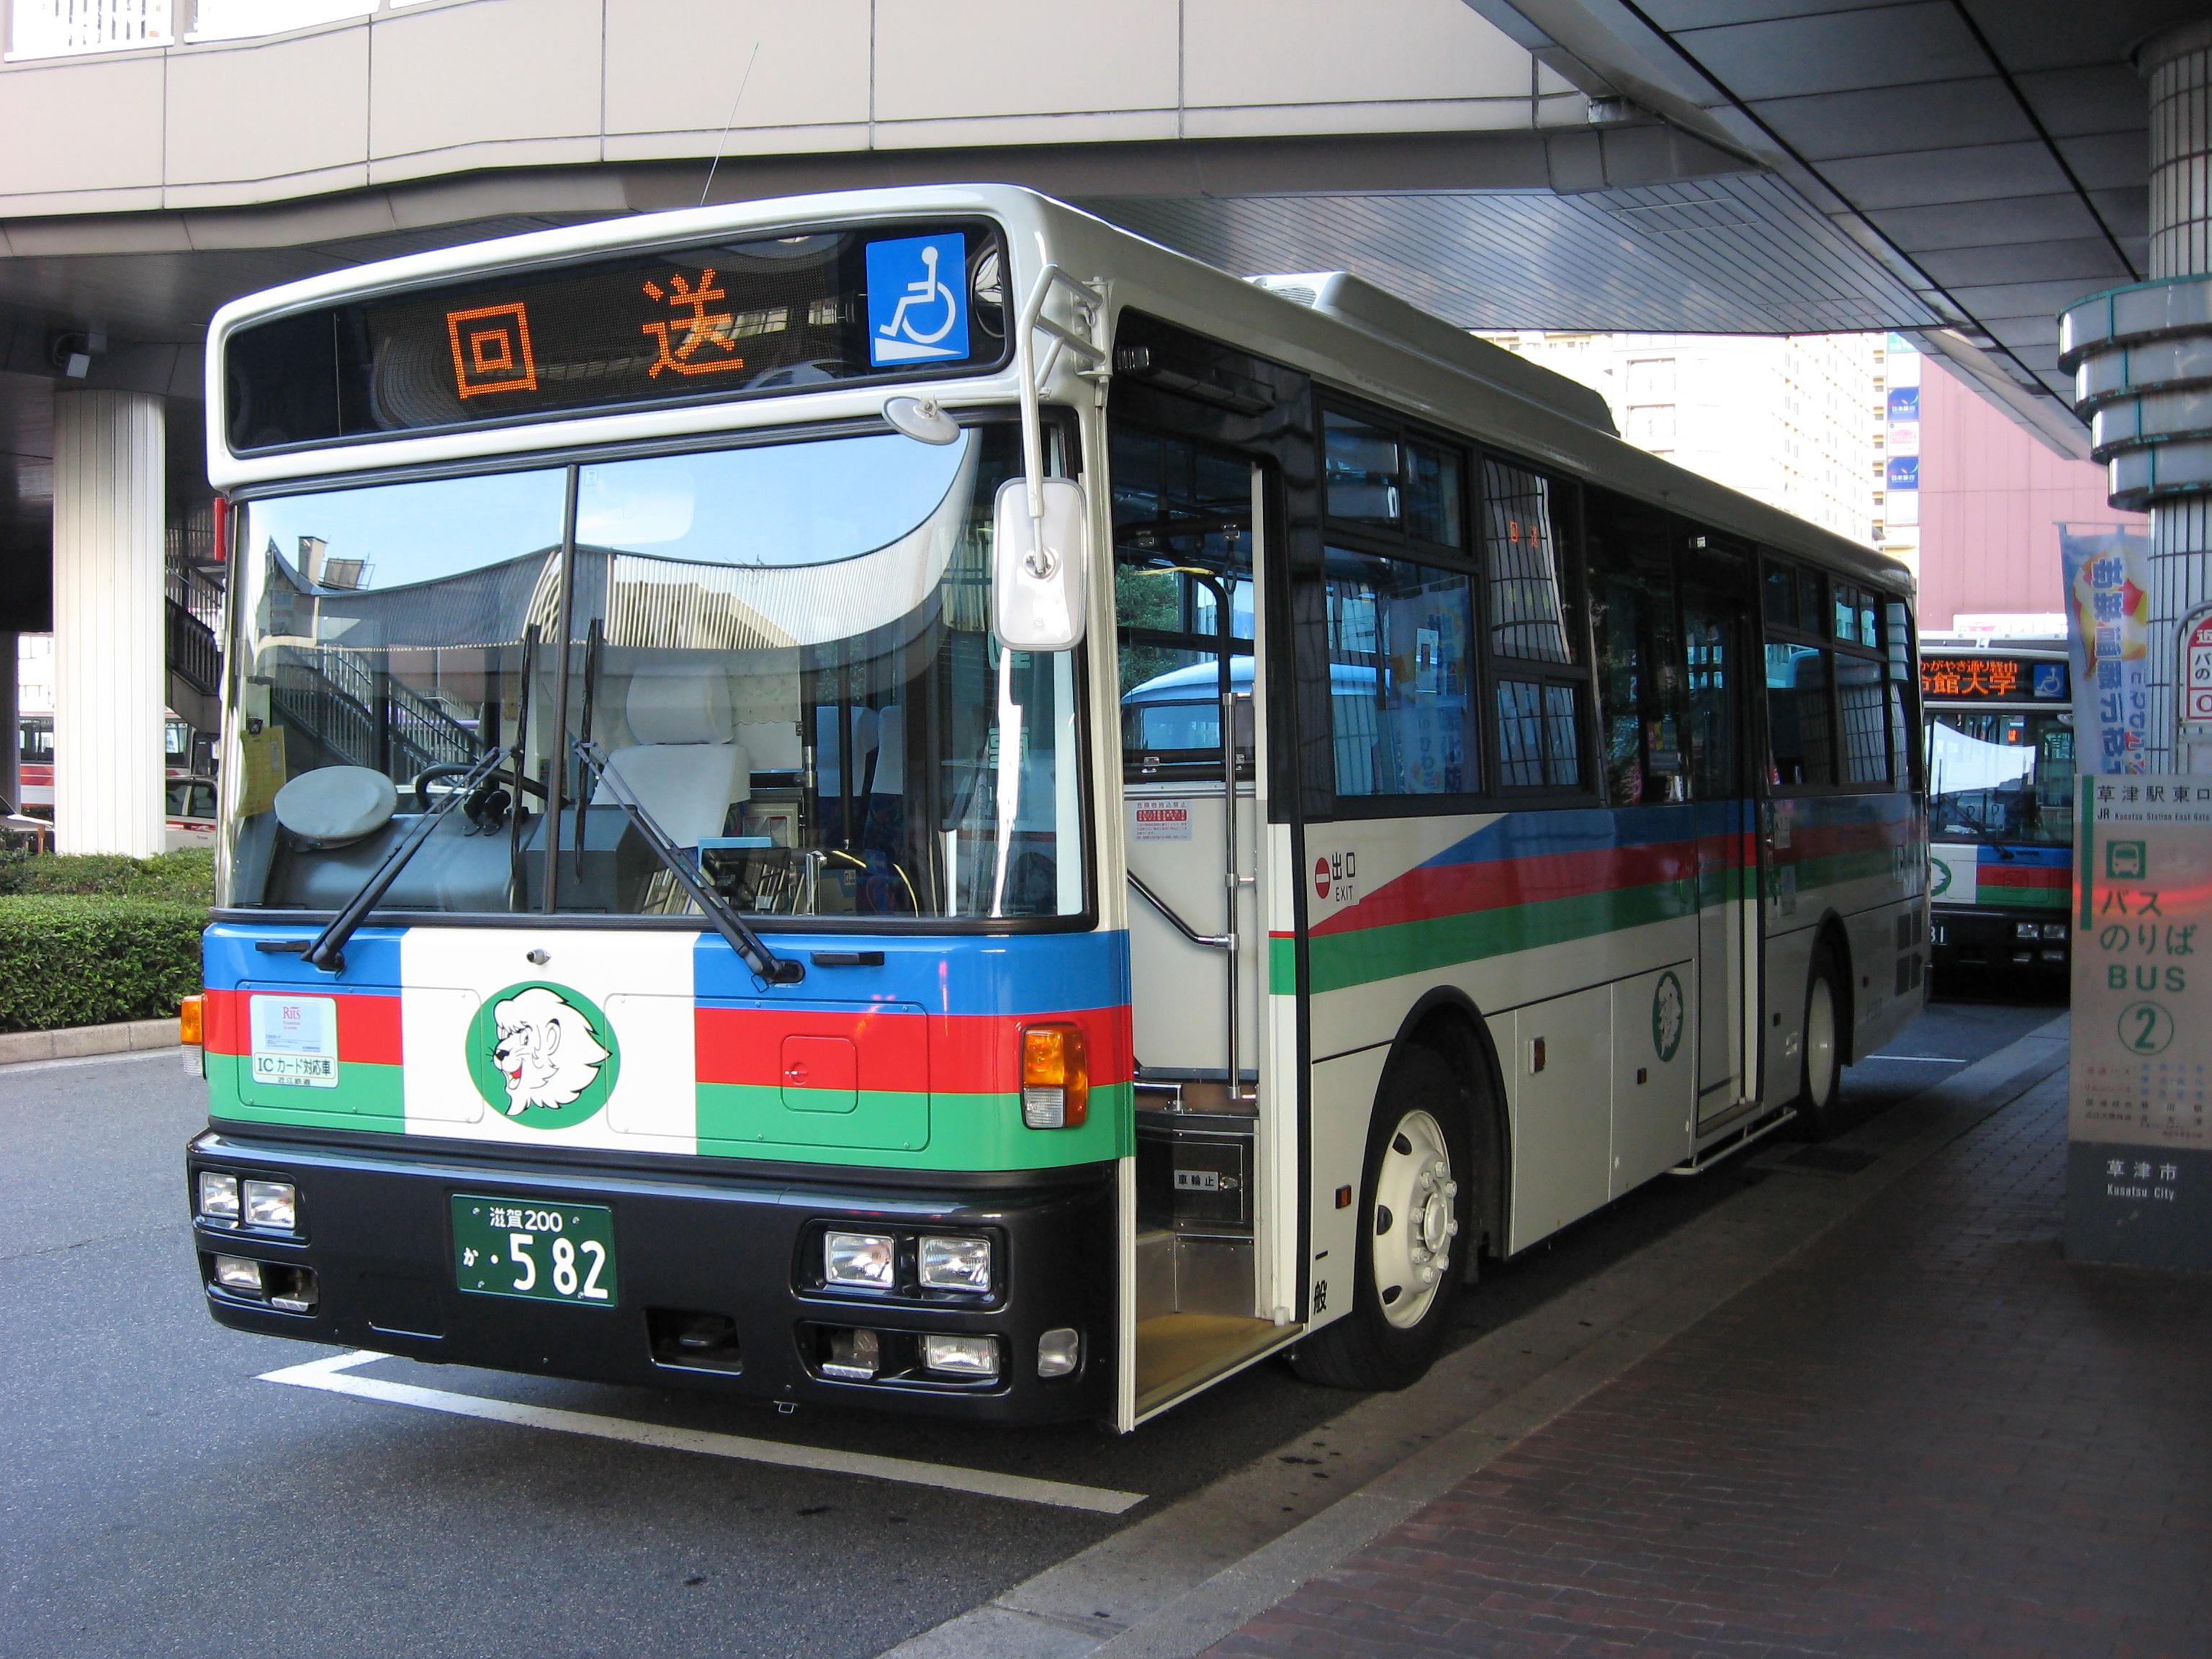 近江鉄道の路線バス(Haruno Akihaさん撮影、Wikimedia Commonsより)